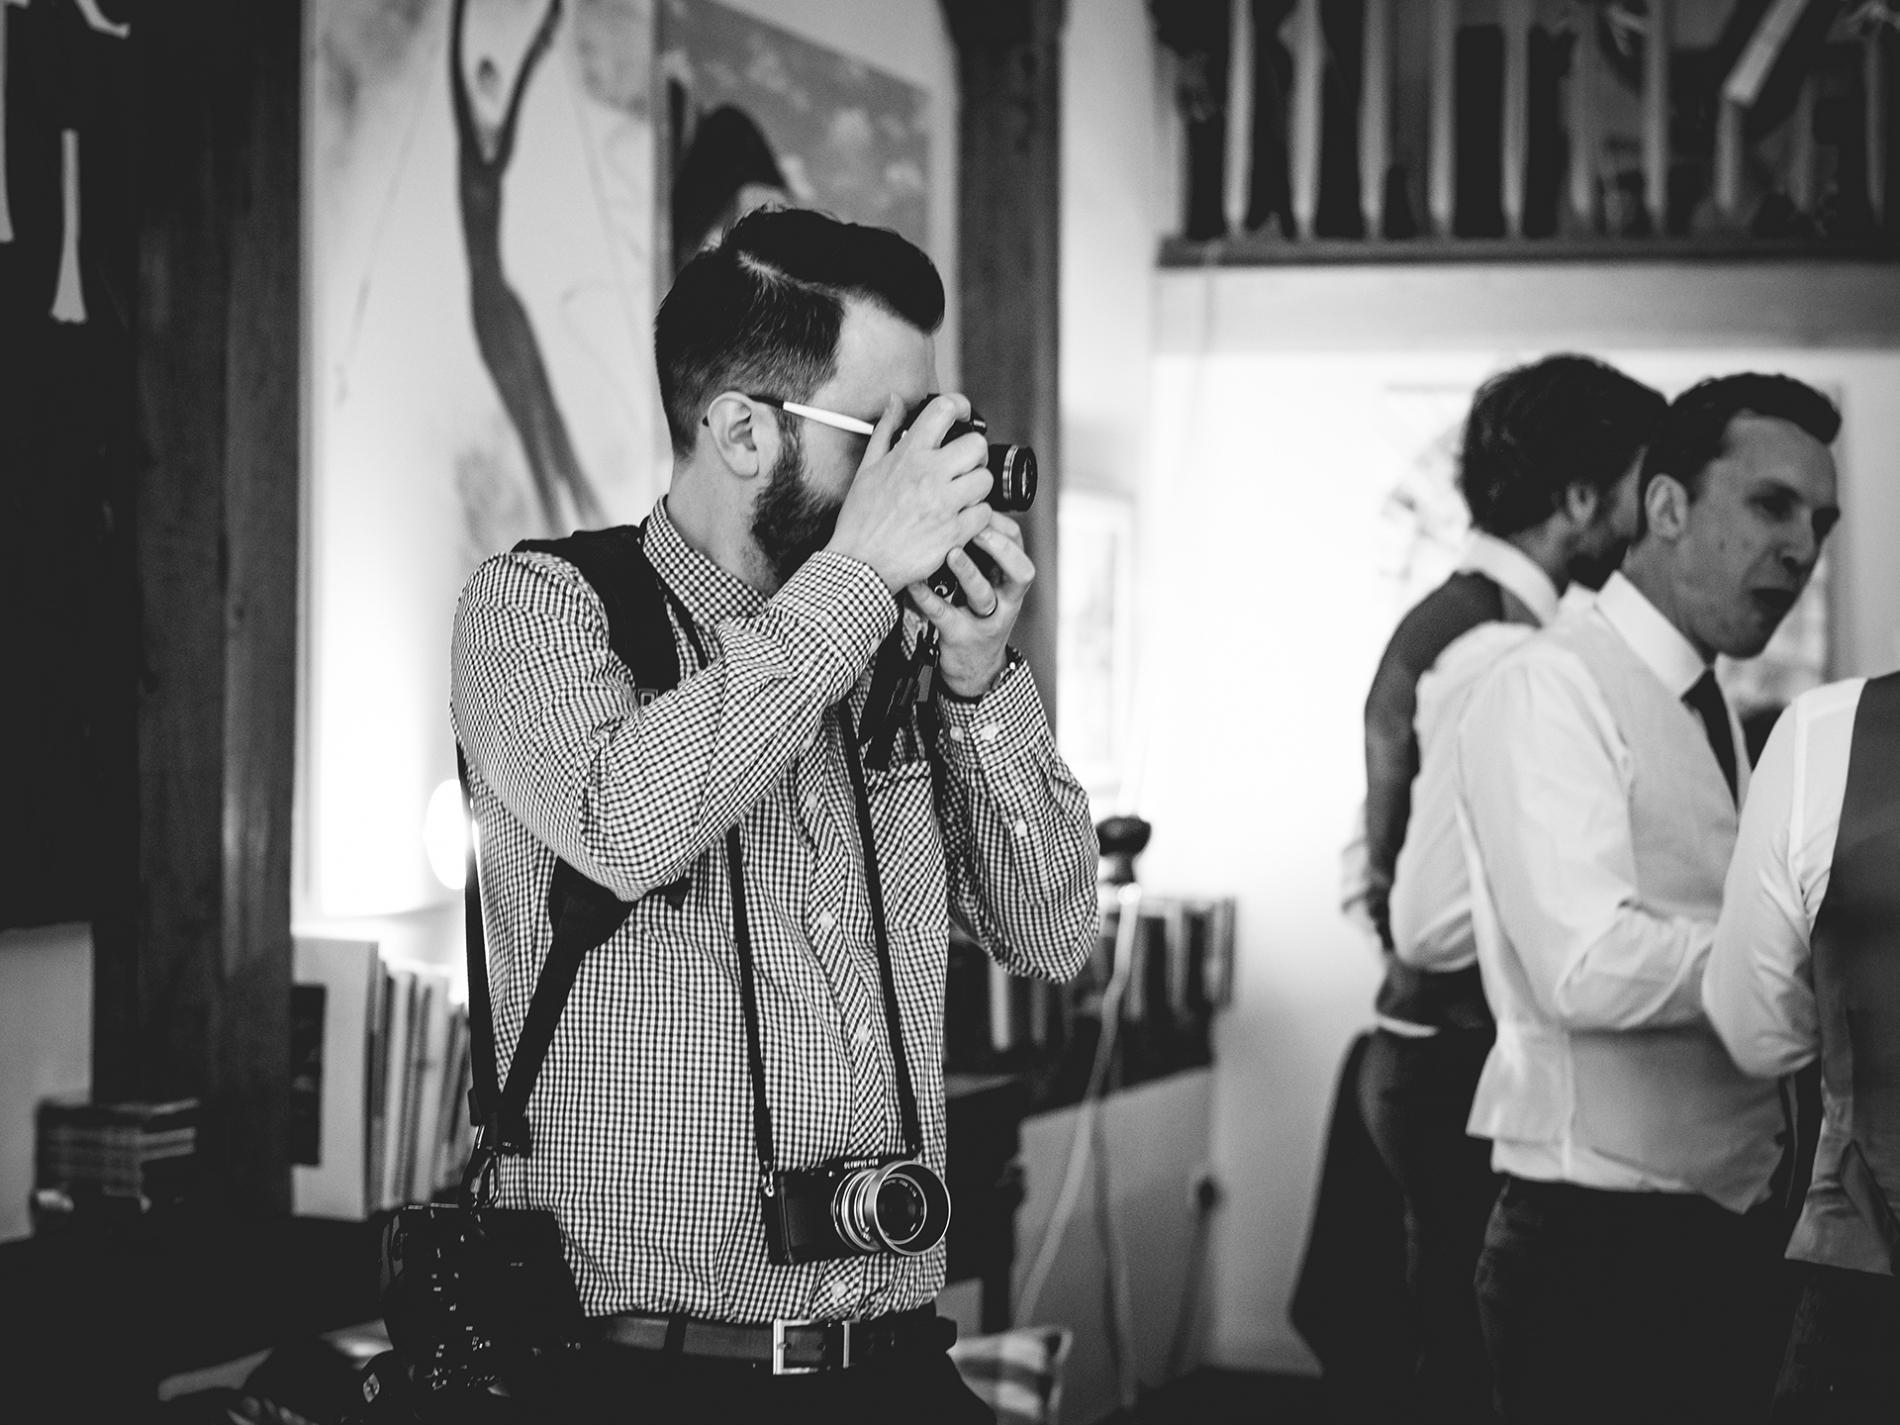 OneTrueLove Trouwfotograaf - Martyn East aan het werk